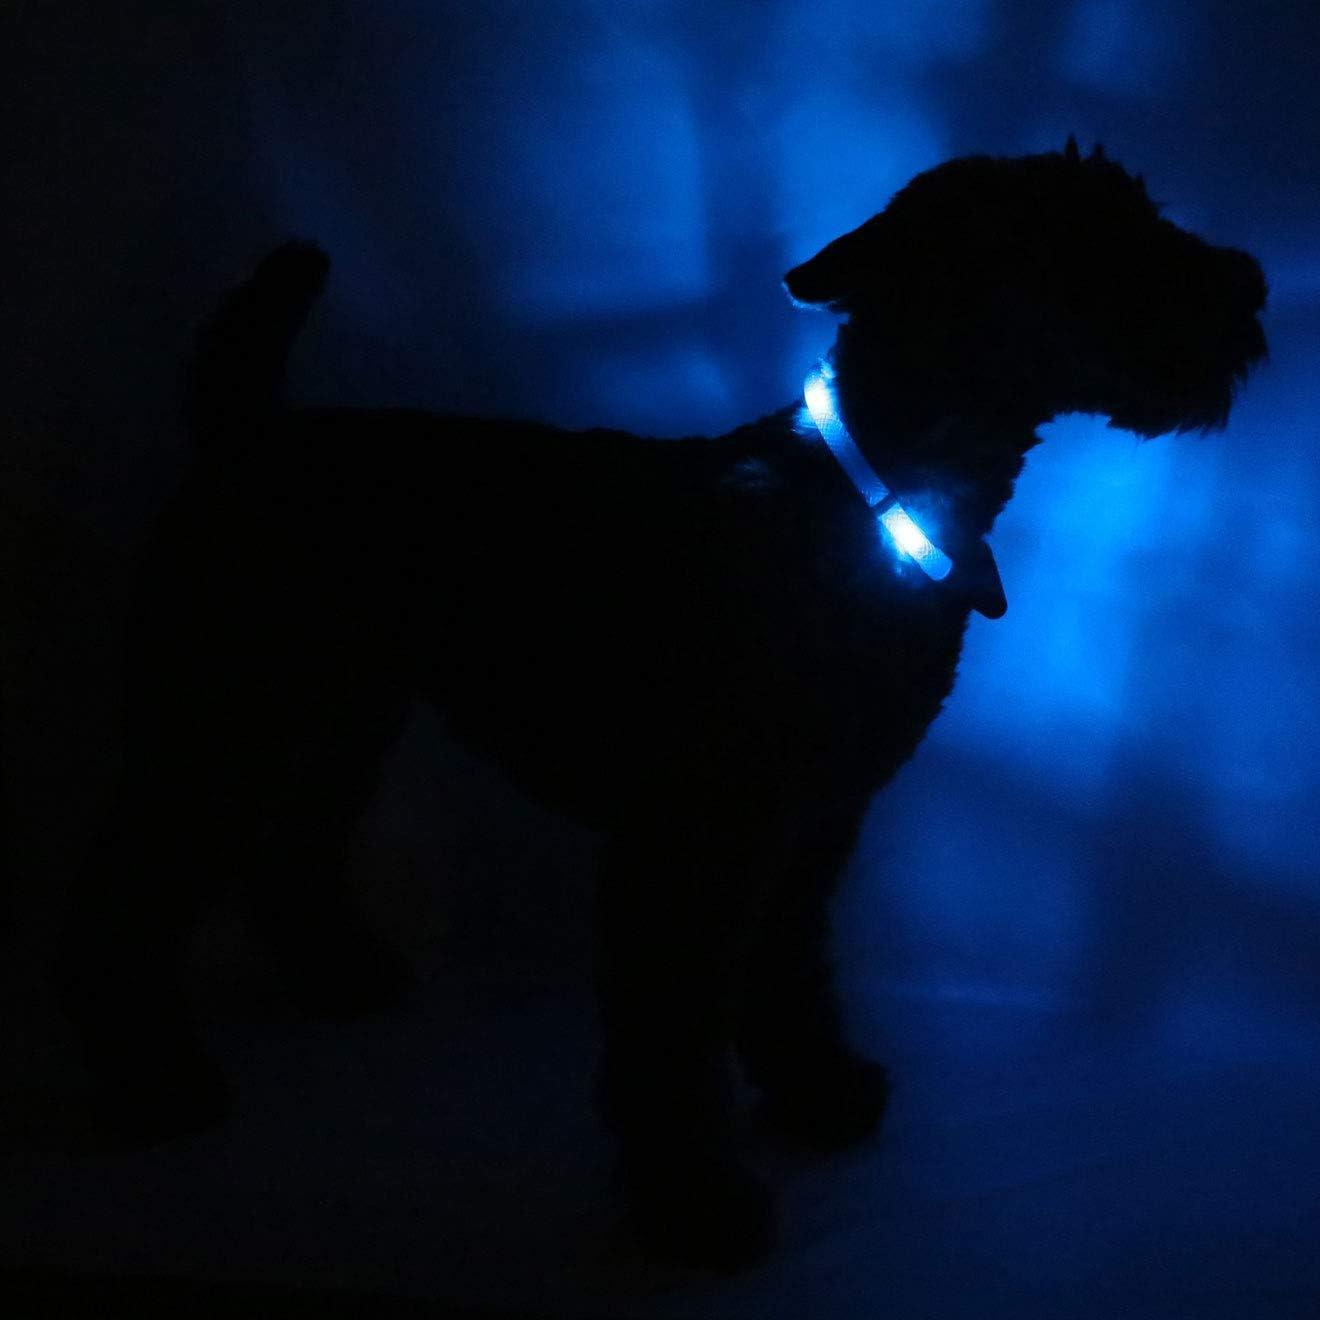 Leuchtie Leuchthalsband Plus Blau Größe 50 I Led Halsband Für Hunde I 100 H Leuchtdauer I Wasserdicht I Enorm Hell Haustier